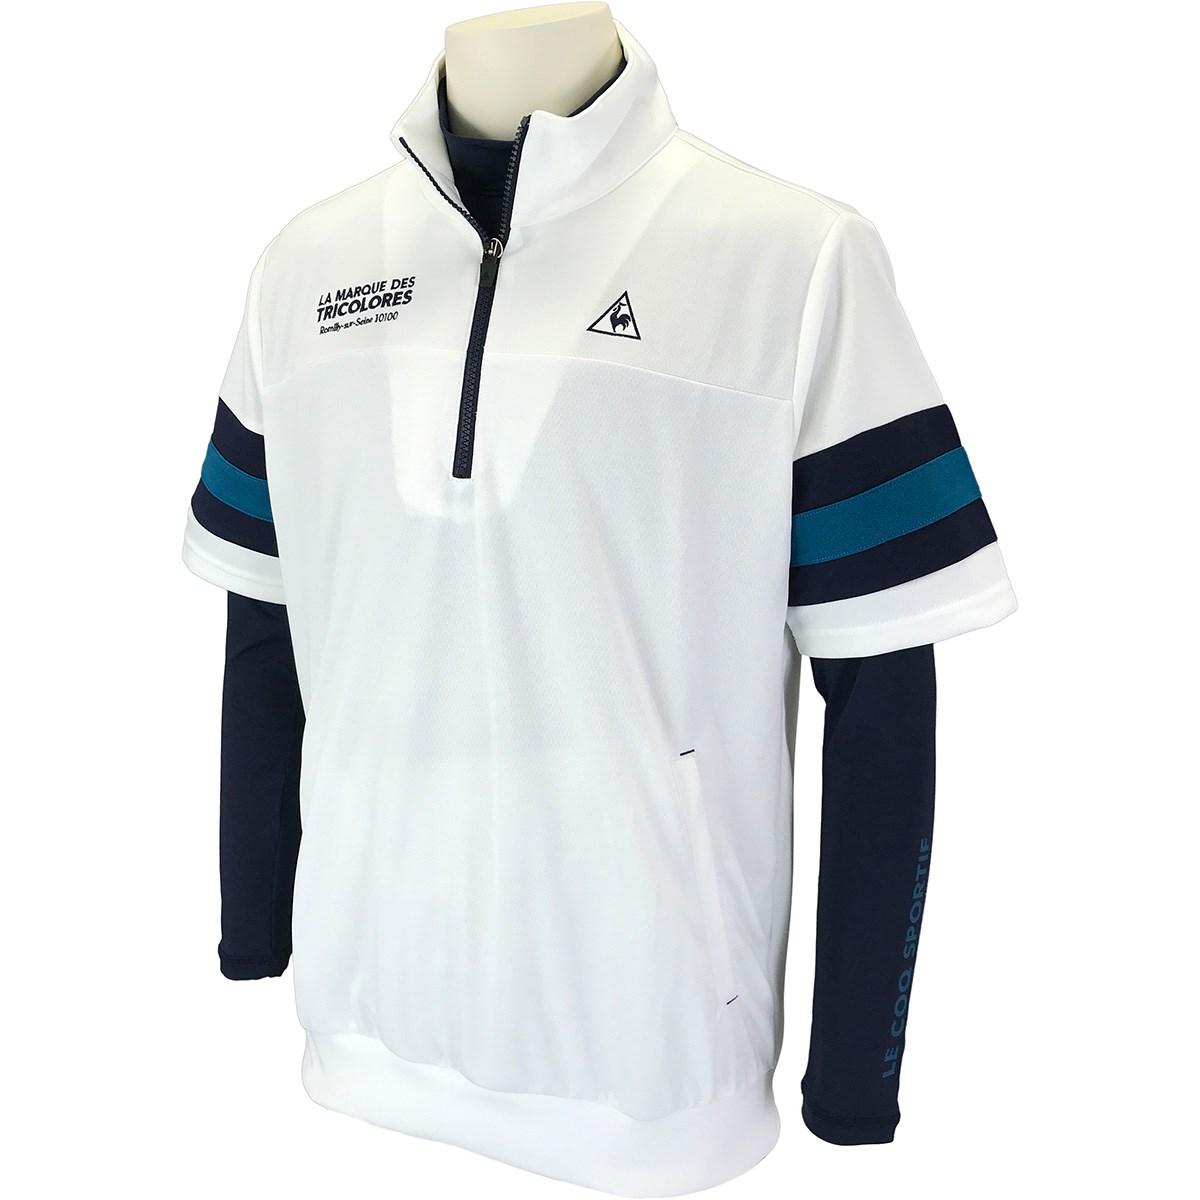 ルコックゴルフ Le coq sportif GOLF 長袖アンダーシャツ付き 半袖シャツ M ホワイト 00